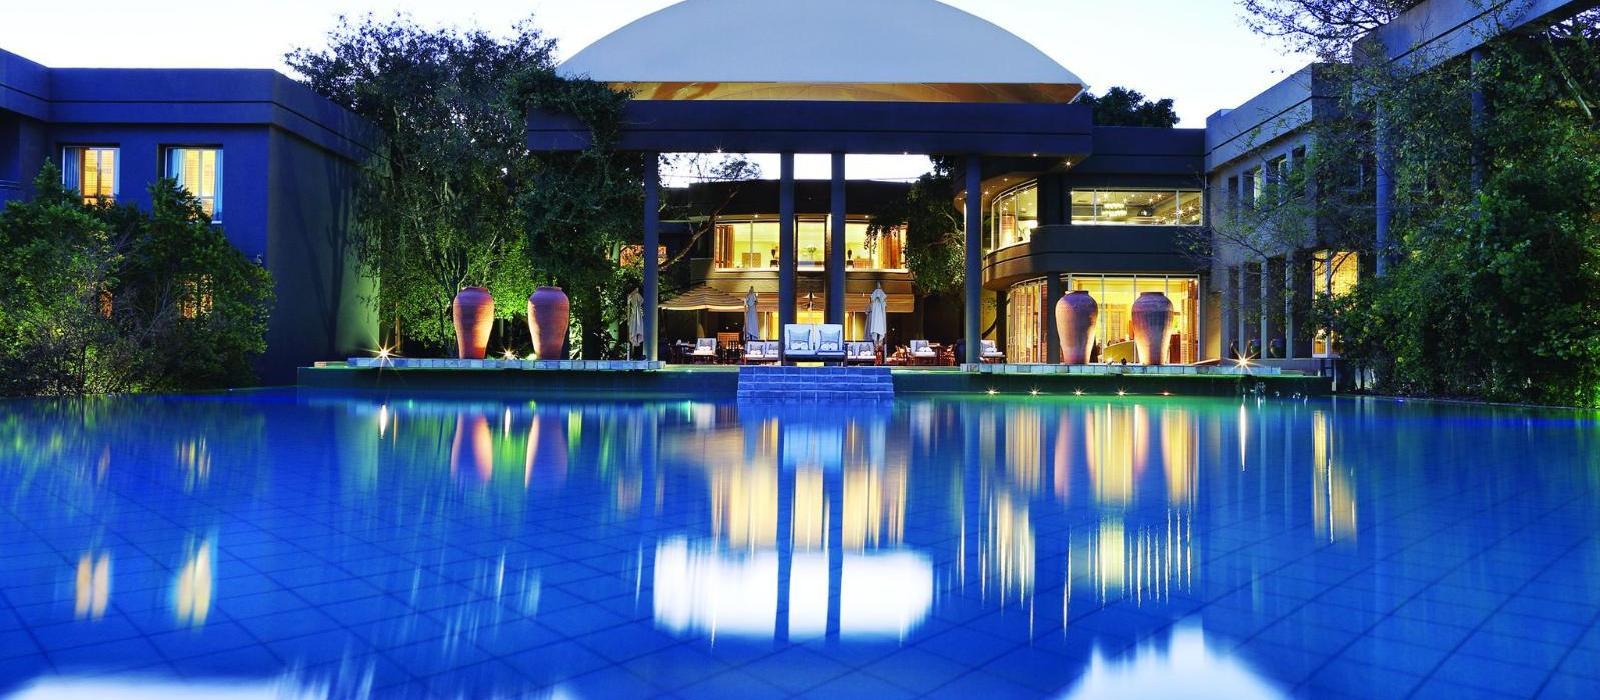 撒克逊水疗别墅度假酒店(Saxon Hotel, Villas & Spa) 图片  www.lhw.cn